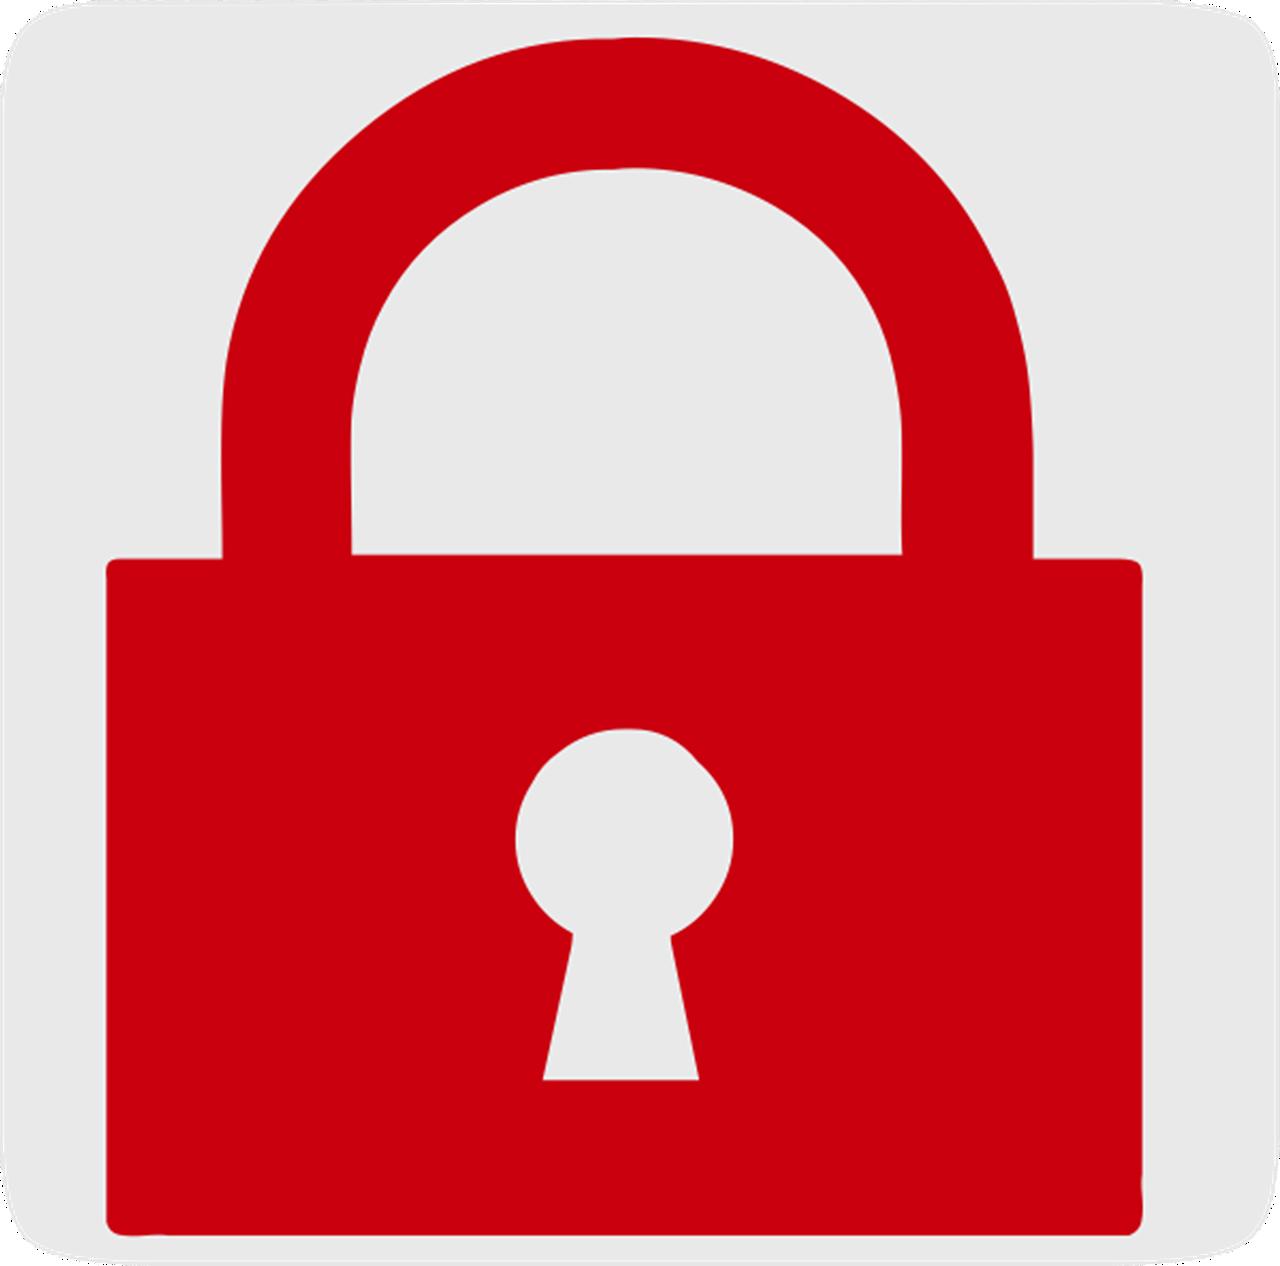 Le site de Gearbest fermé, des clients dans l'incertitude